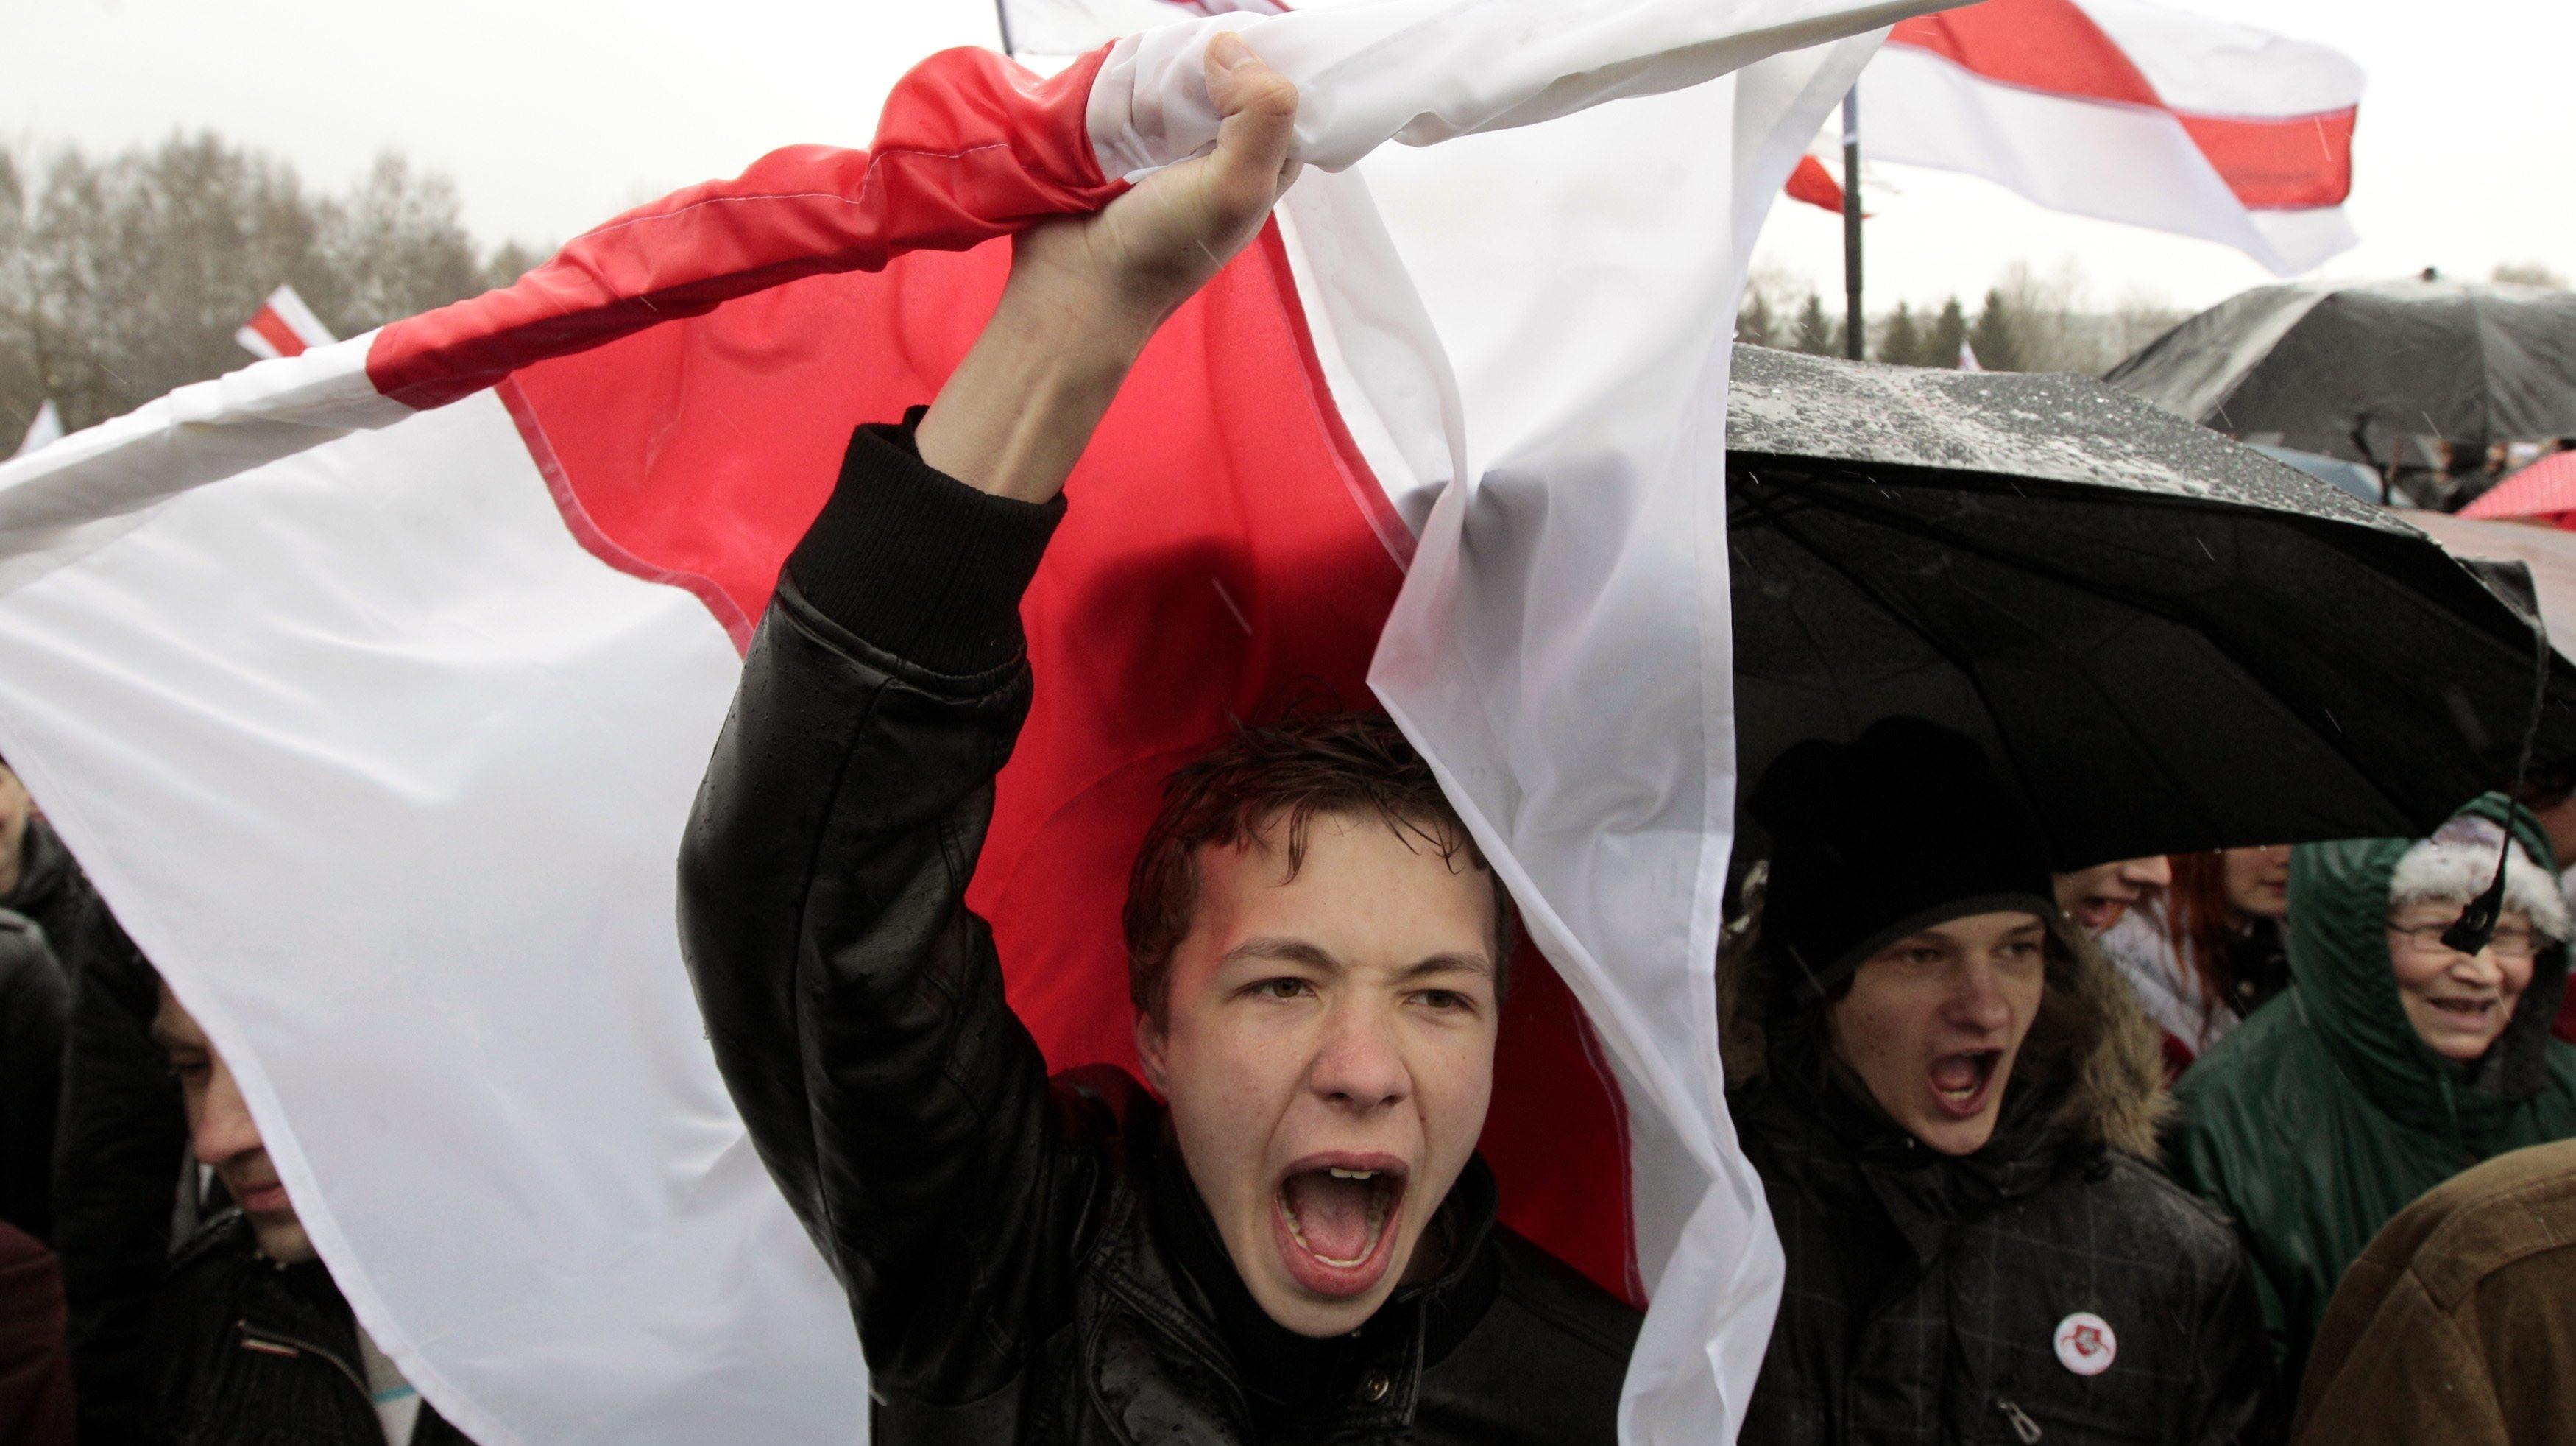 Информационные победы белорусской оппозиции. Как это делается?